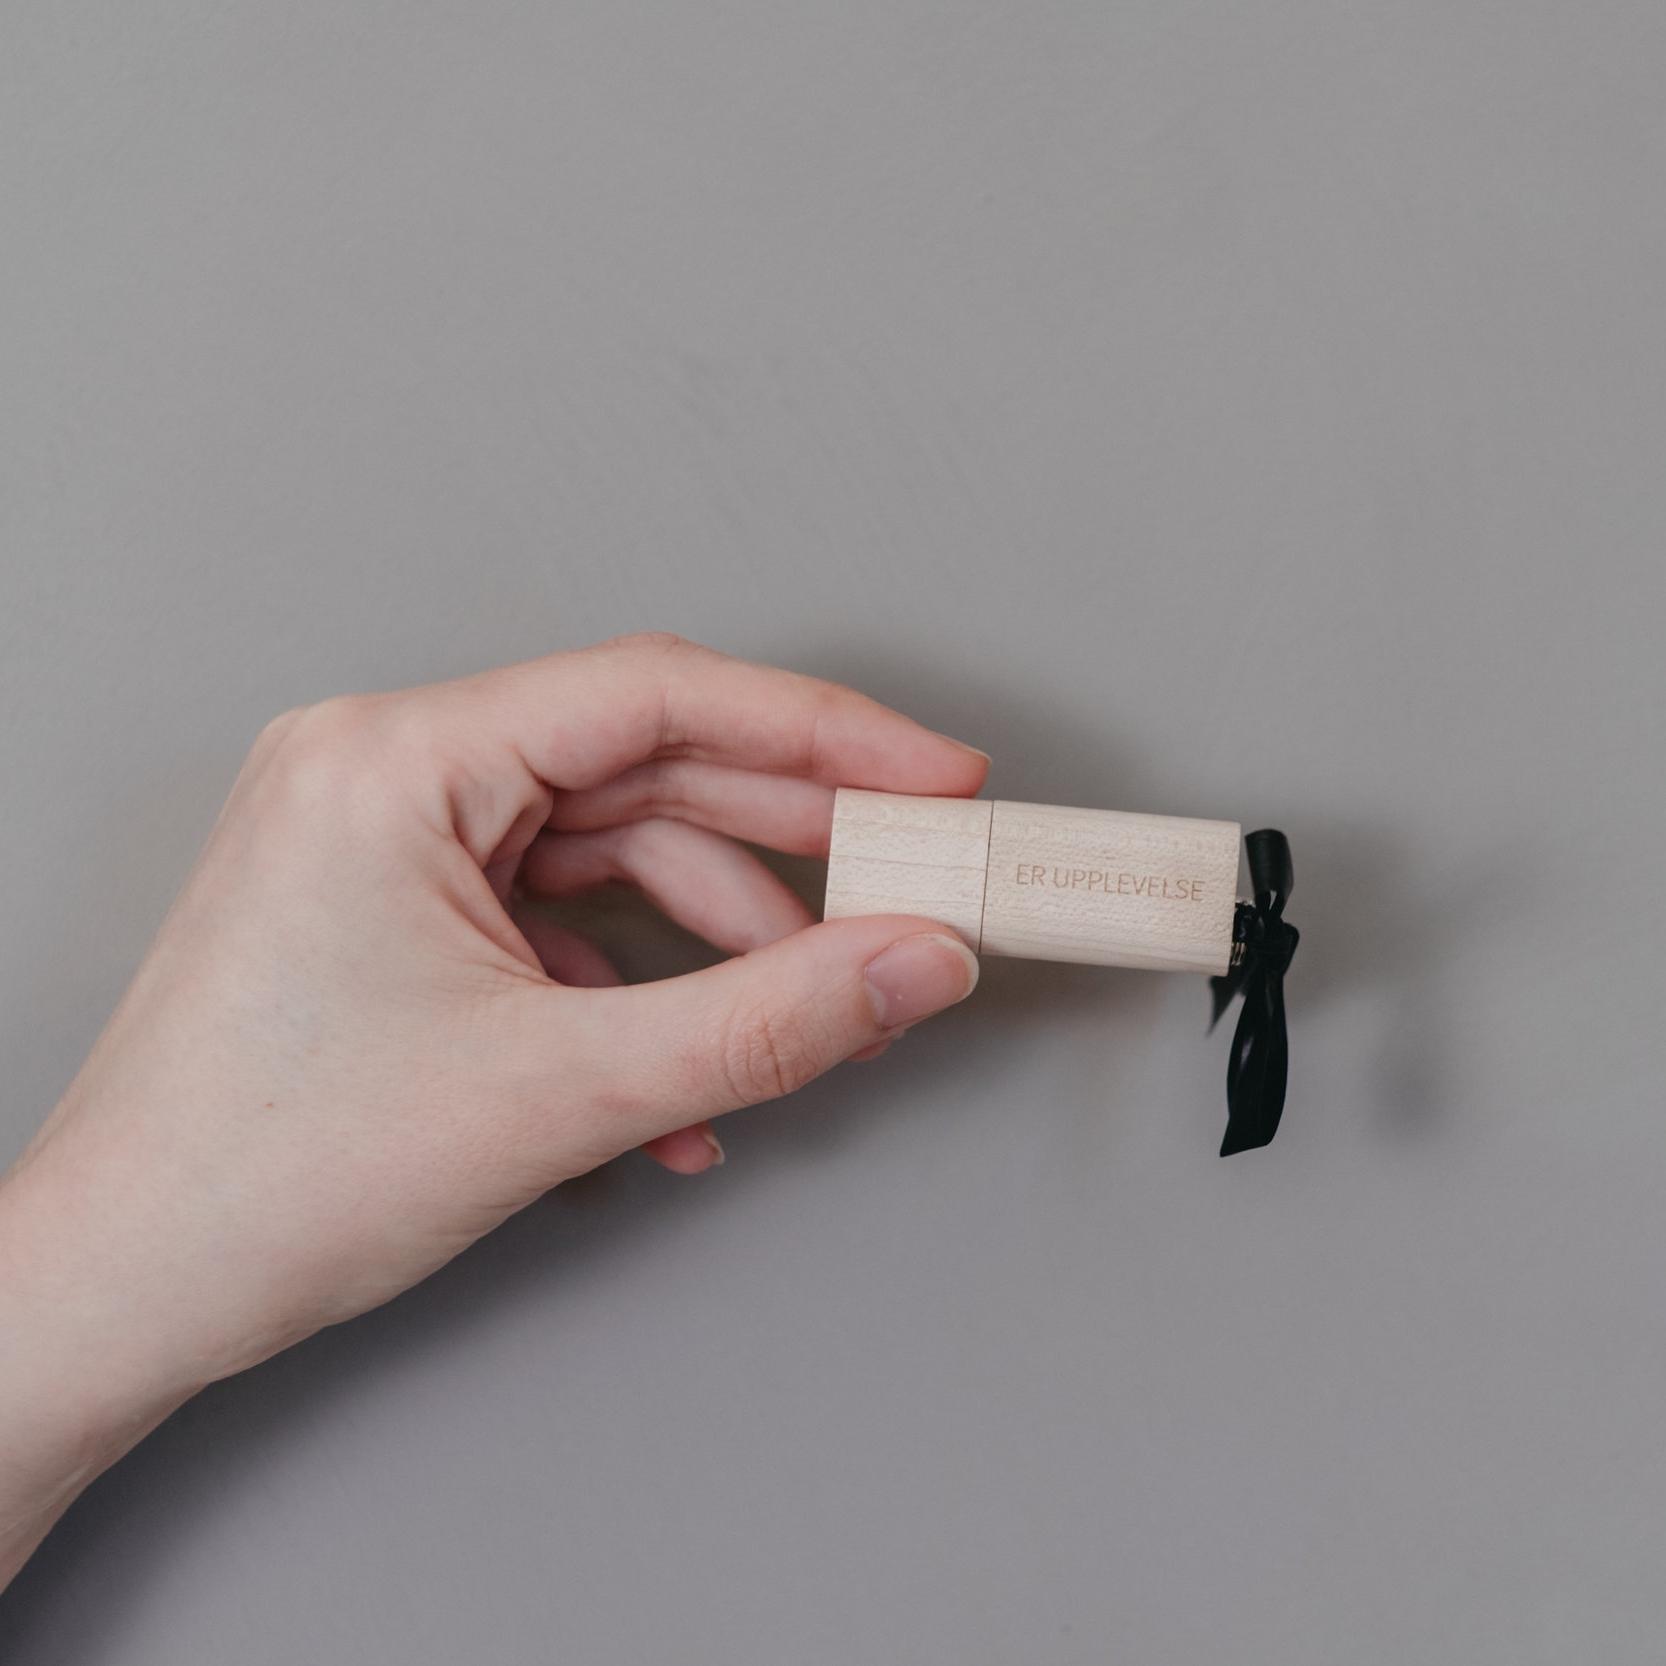 Beställer ni era digitala filer som back-up så levereras dessa på USB så att ni vet var ni har de. Hem och mata dropbox-trollet och vips så har ni de på två ställen!